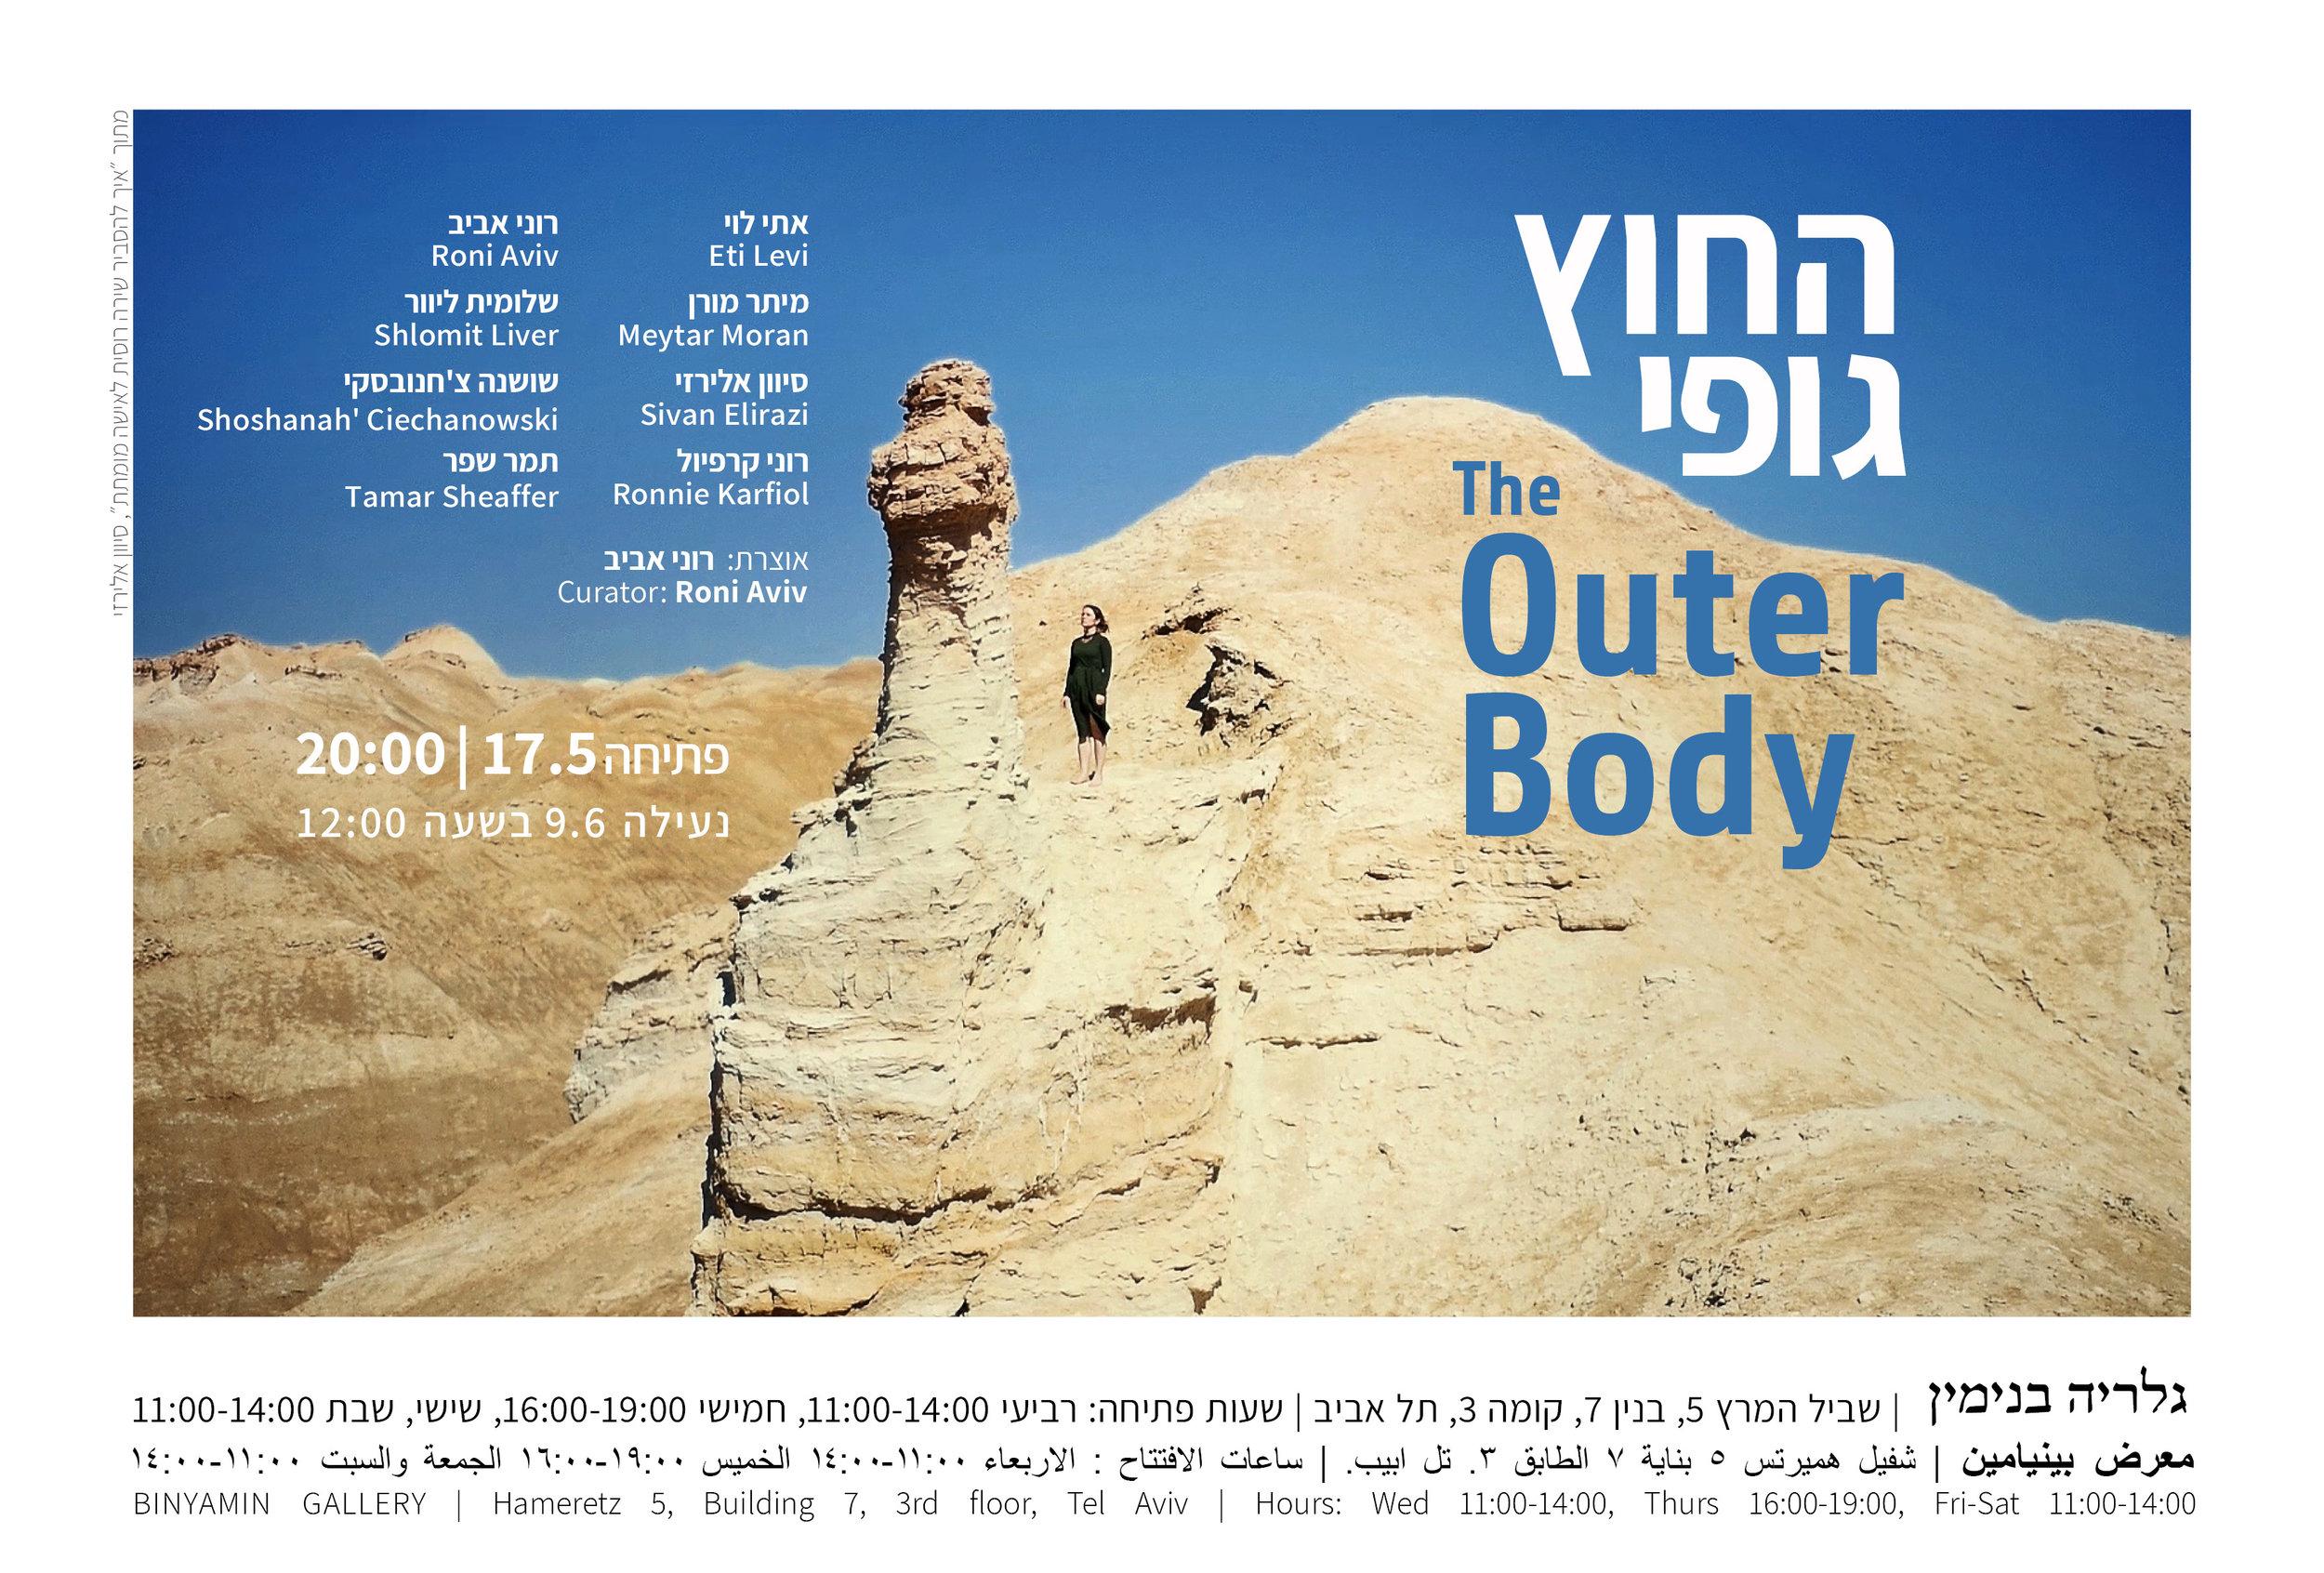 outer-body-invite.jpg